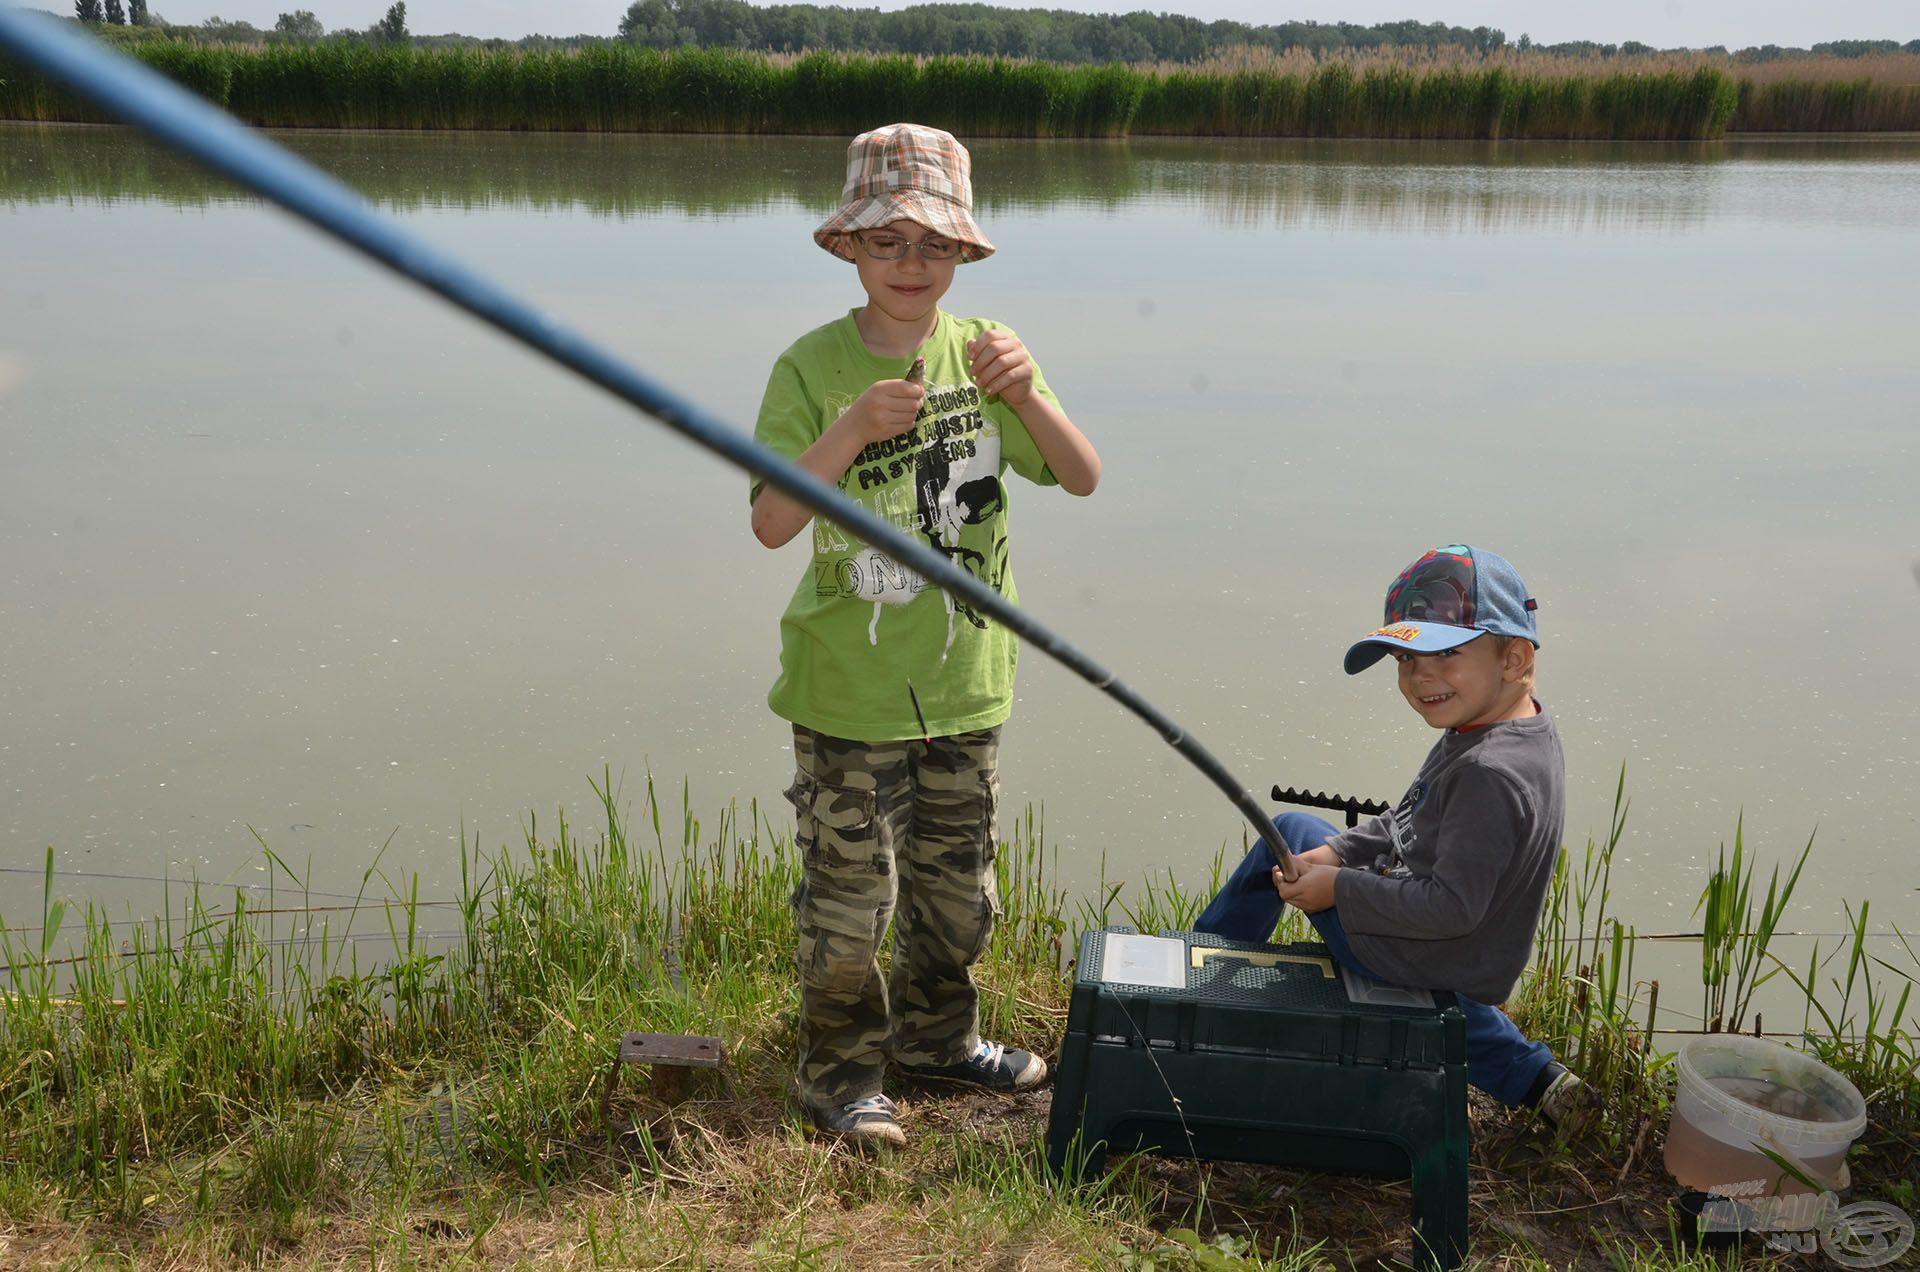 Érdemes a család többi tagját is bevonni a horgászatba